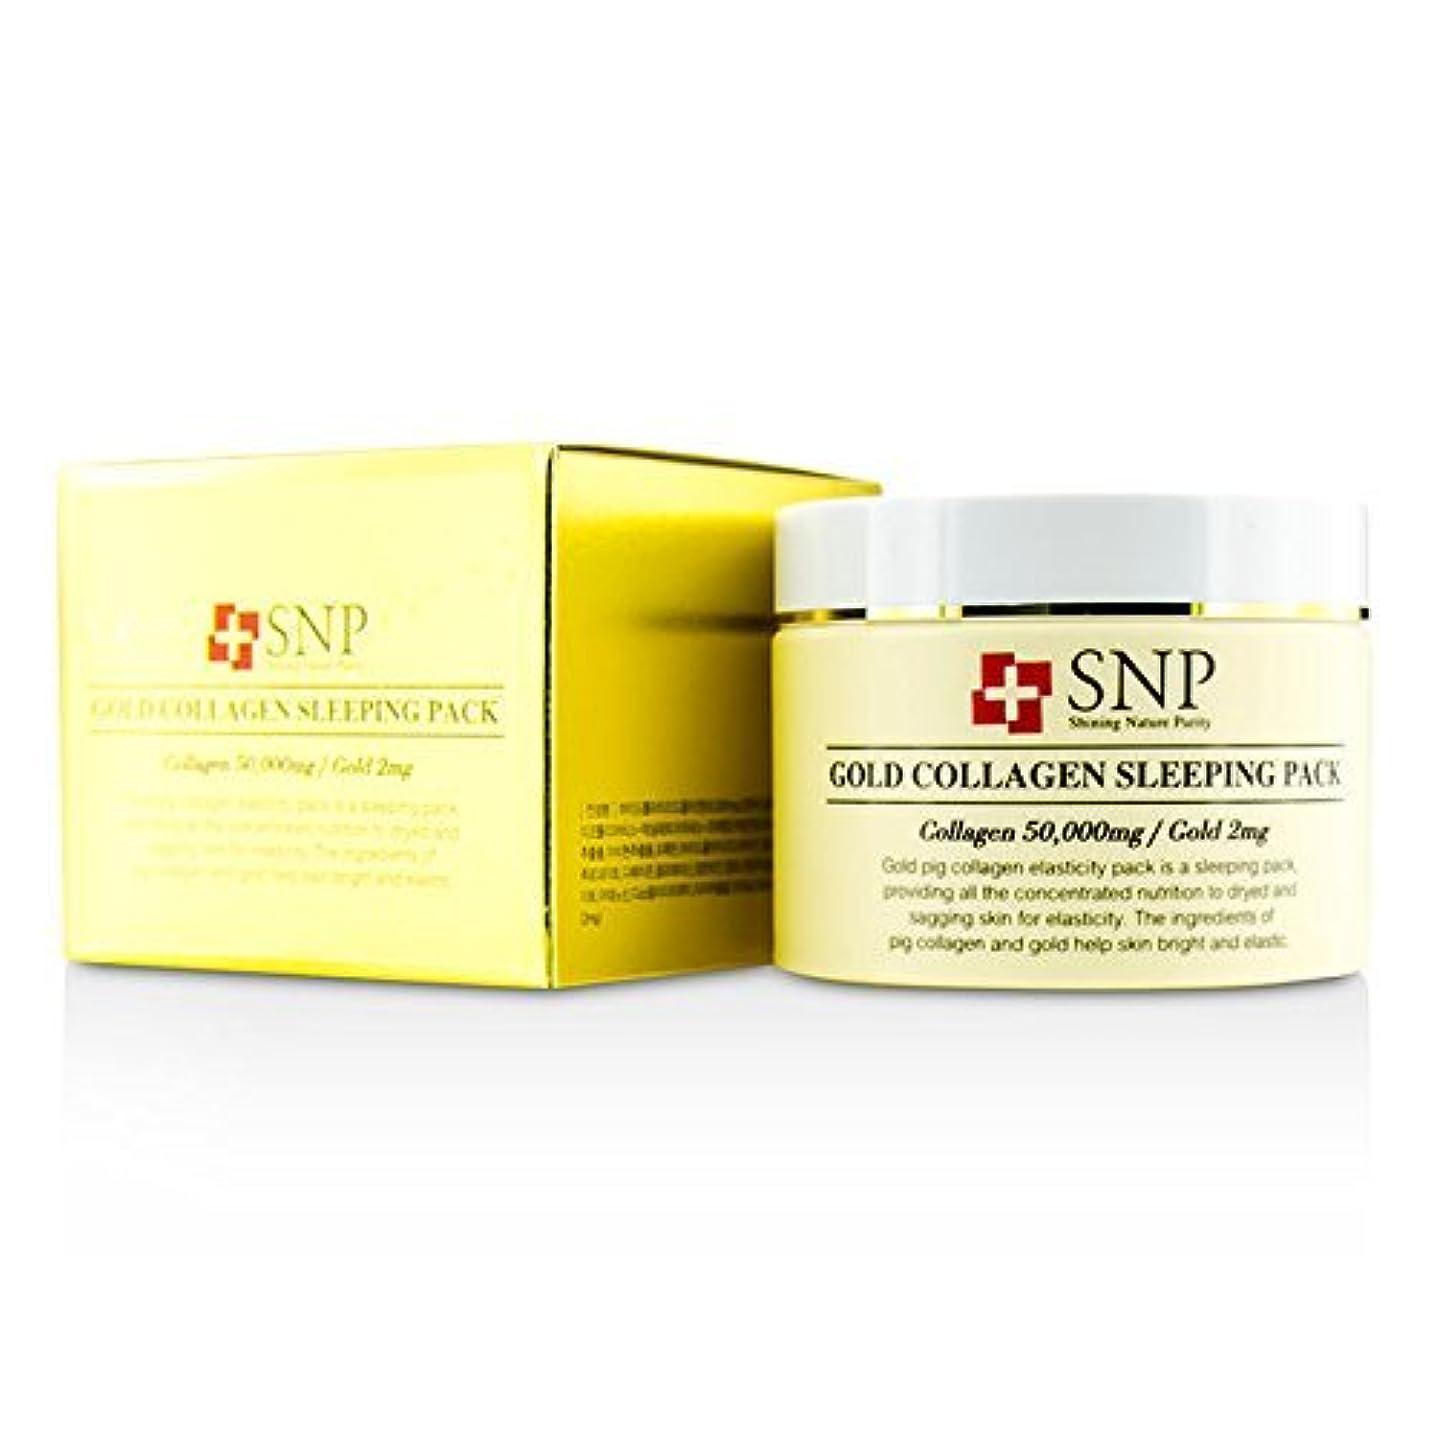 根拠オートマトン頑丈SNP ゴールドコラーゲン スリーピングパック Gold Collagen Sleeping Pack - Elasticity 100g/3.5oz [並行輸入品] 睡眠パック